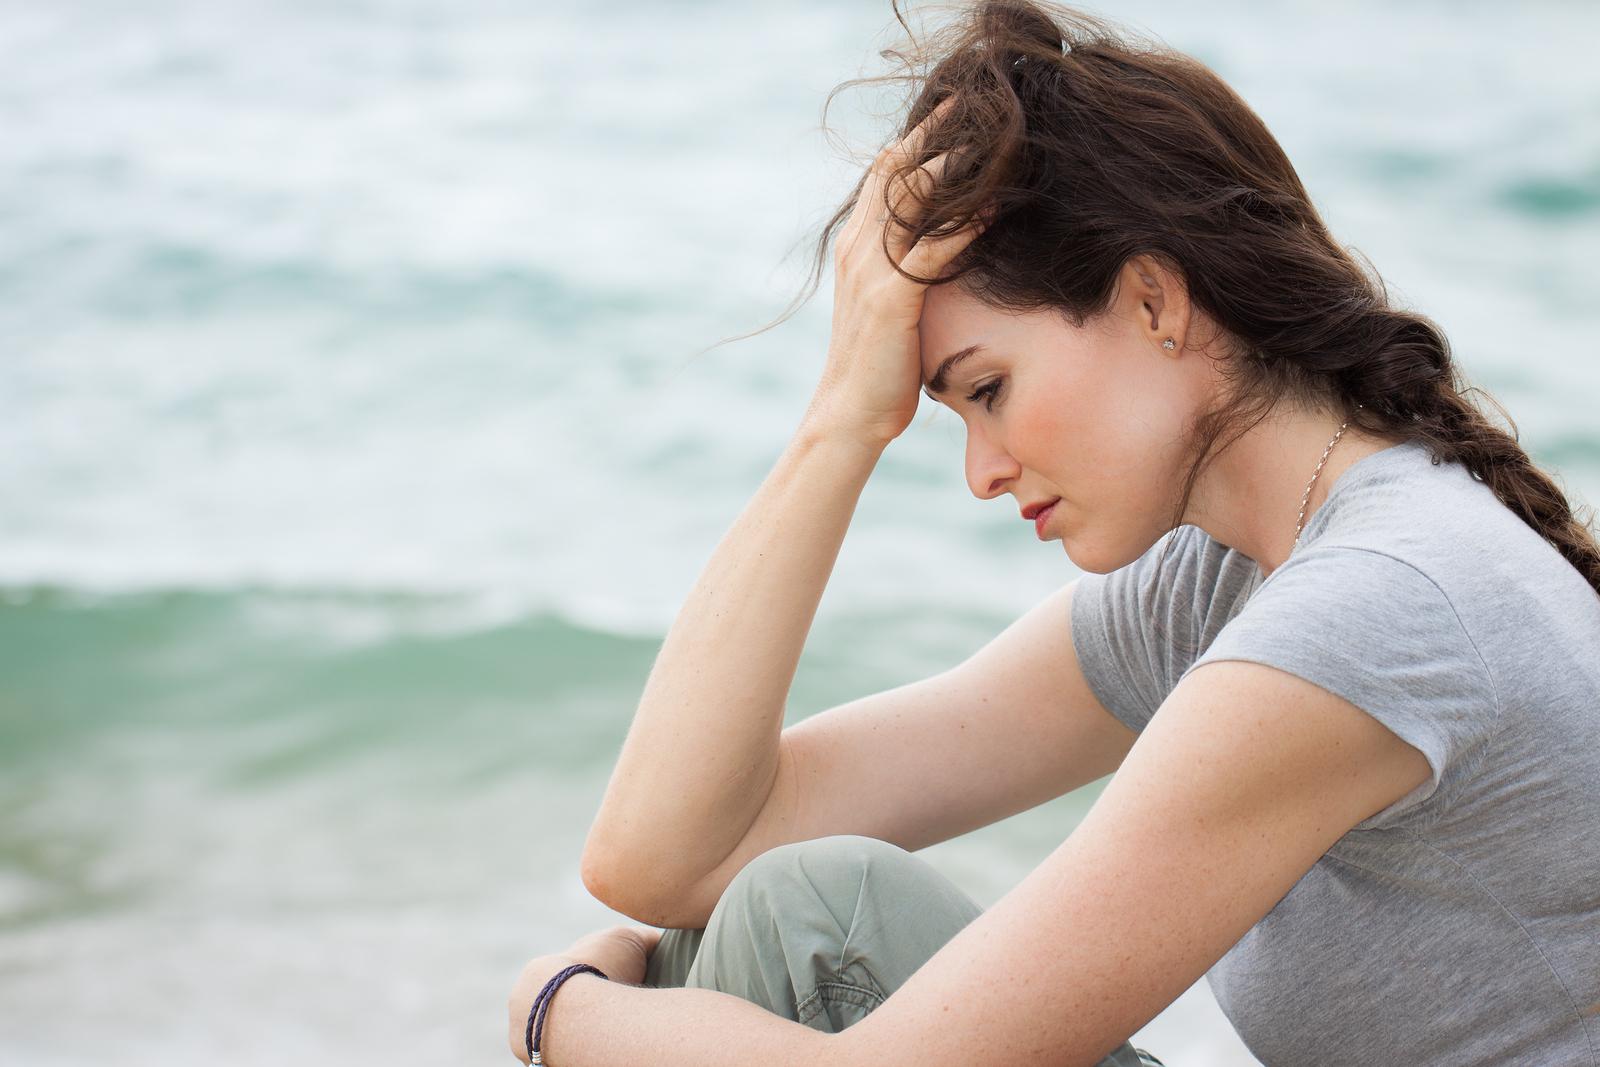 Пролонгированная депрессивная реакция обусловленная расстройством адаптации